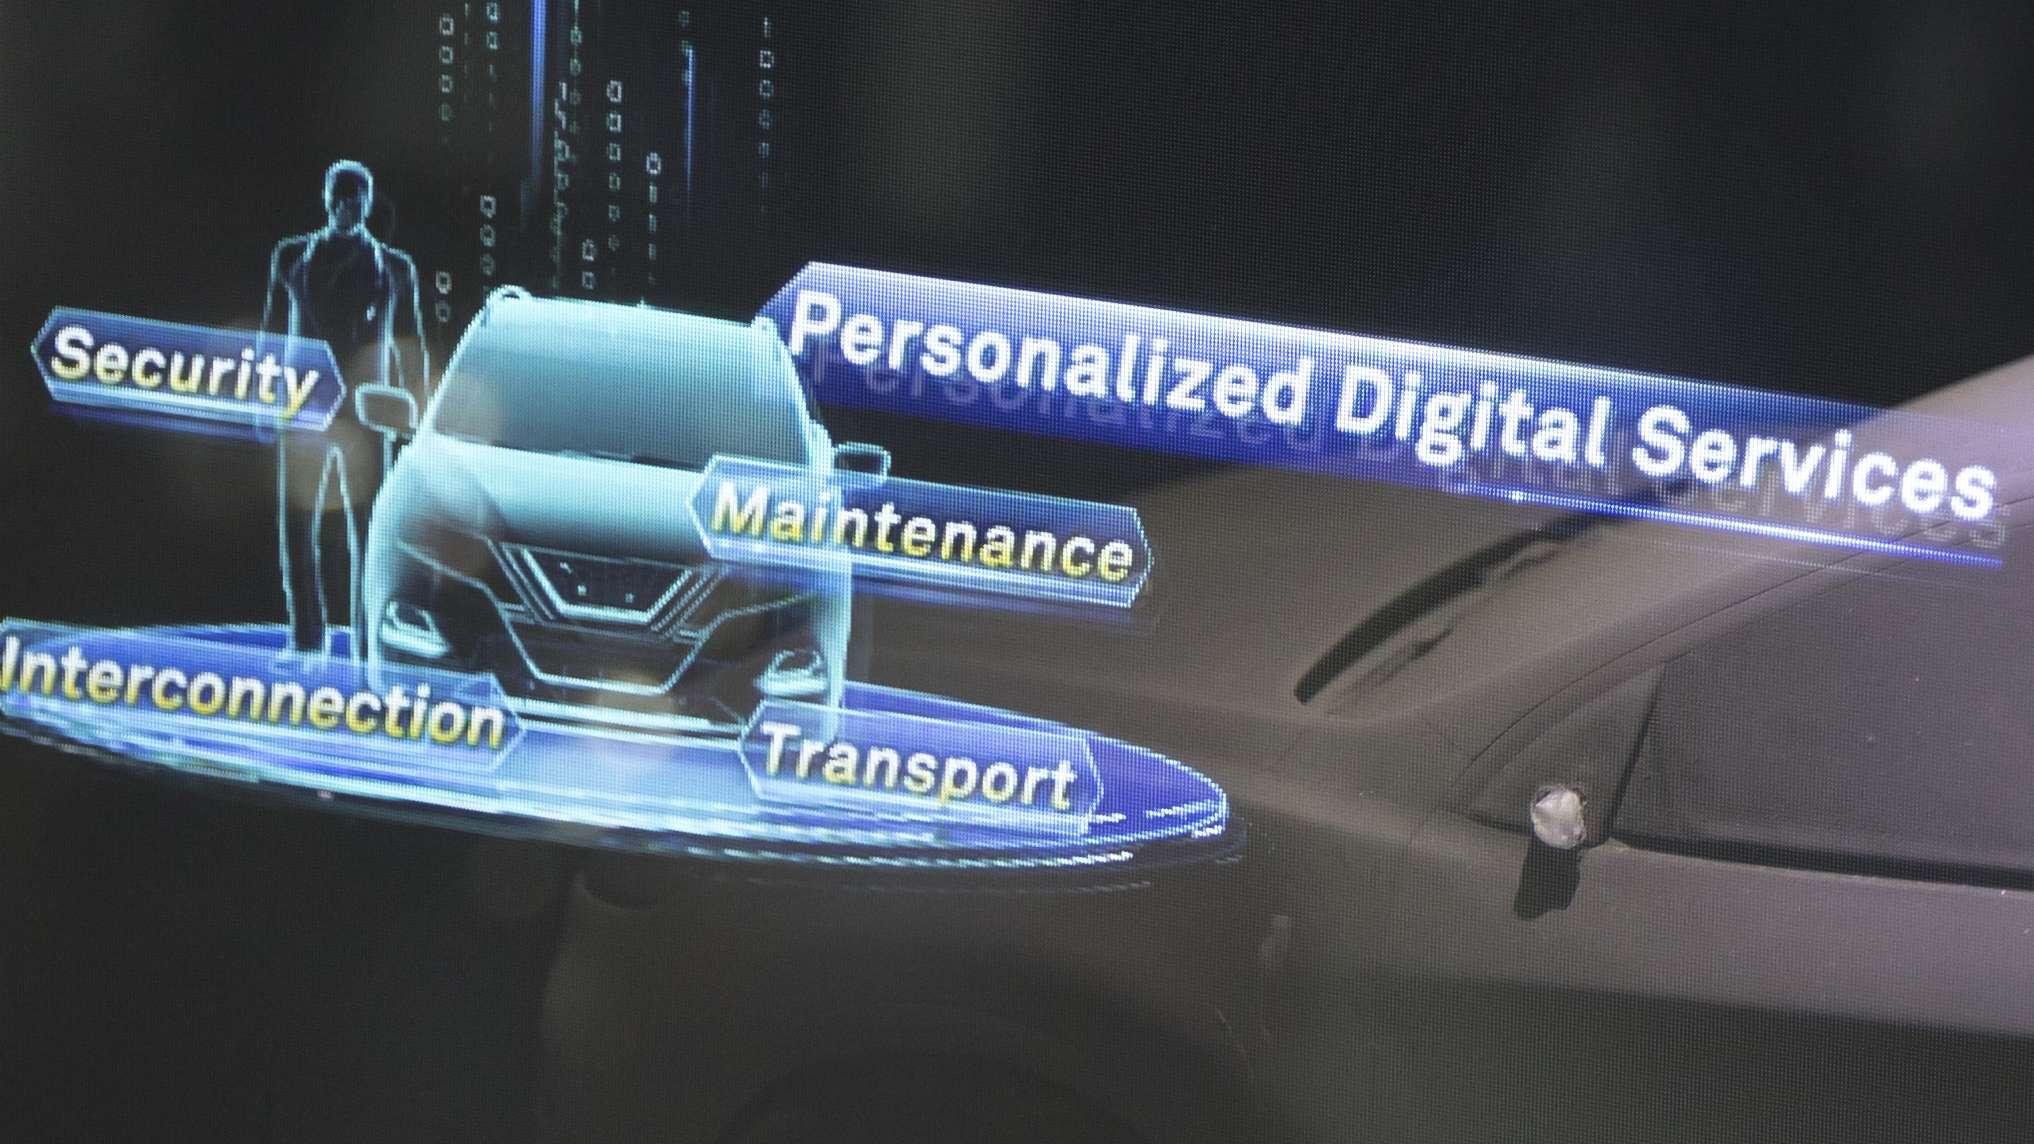 Datenerhebung im Auto